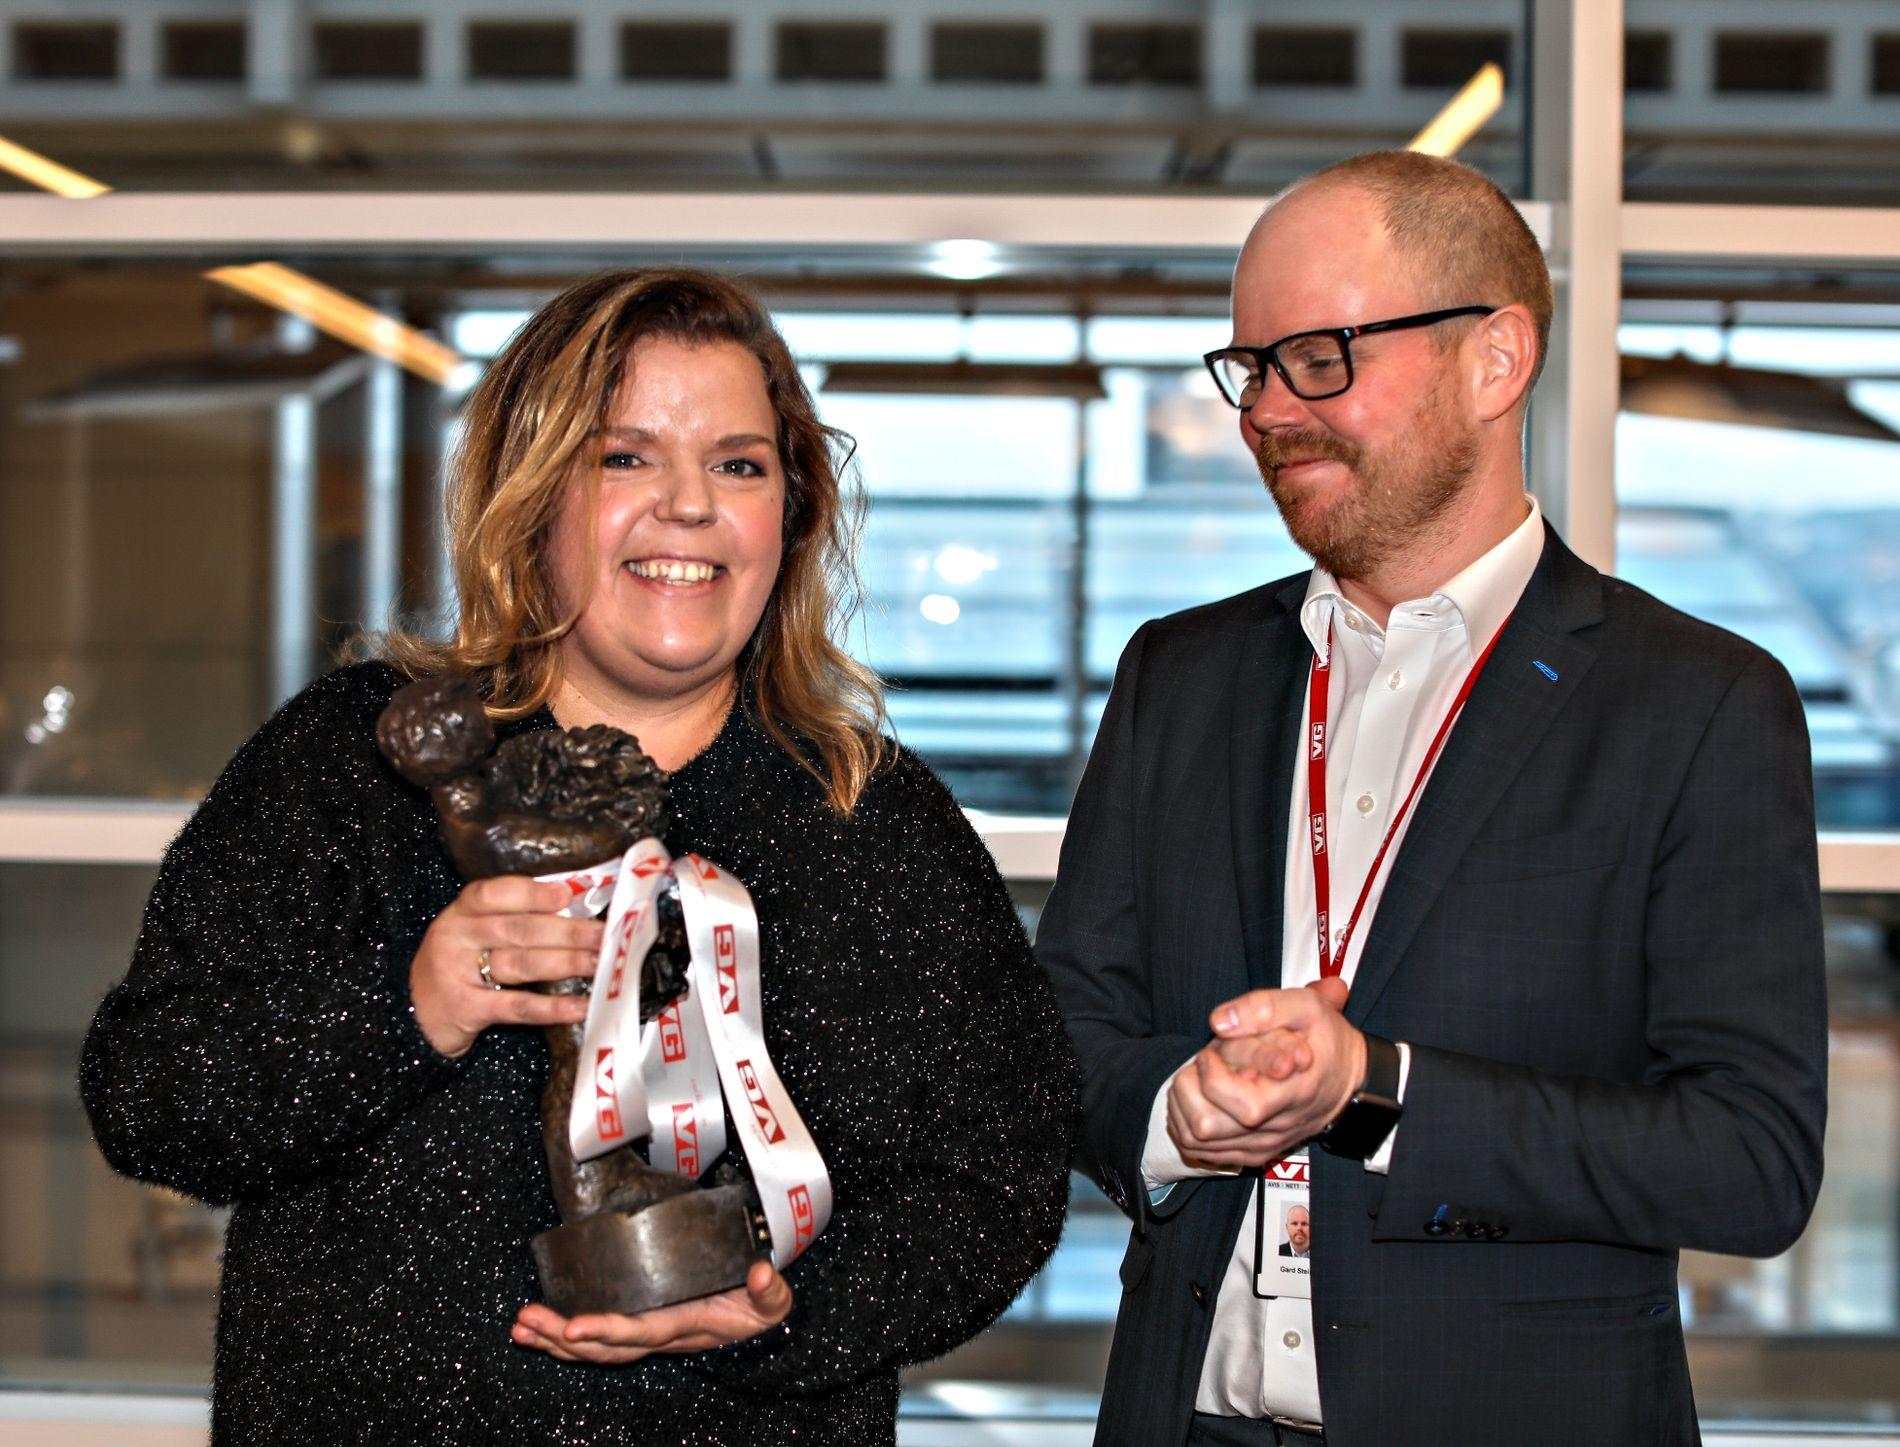 VANT: Else Kåss Furuseth (38) er Årets Navn i VG 2018. Her sammen med VG-redaktør Gard Steiro.